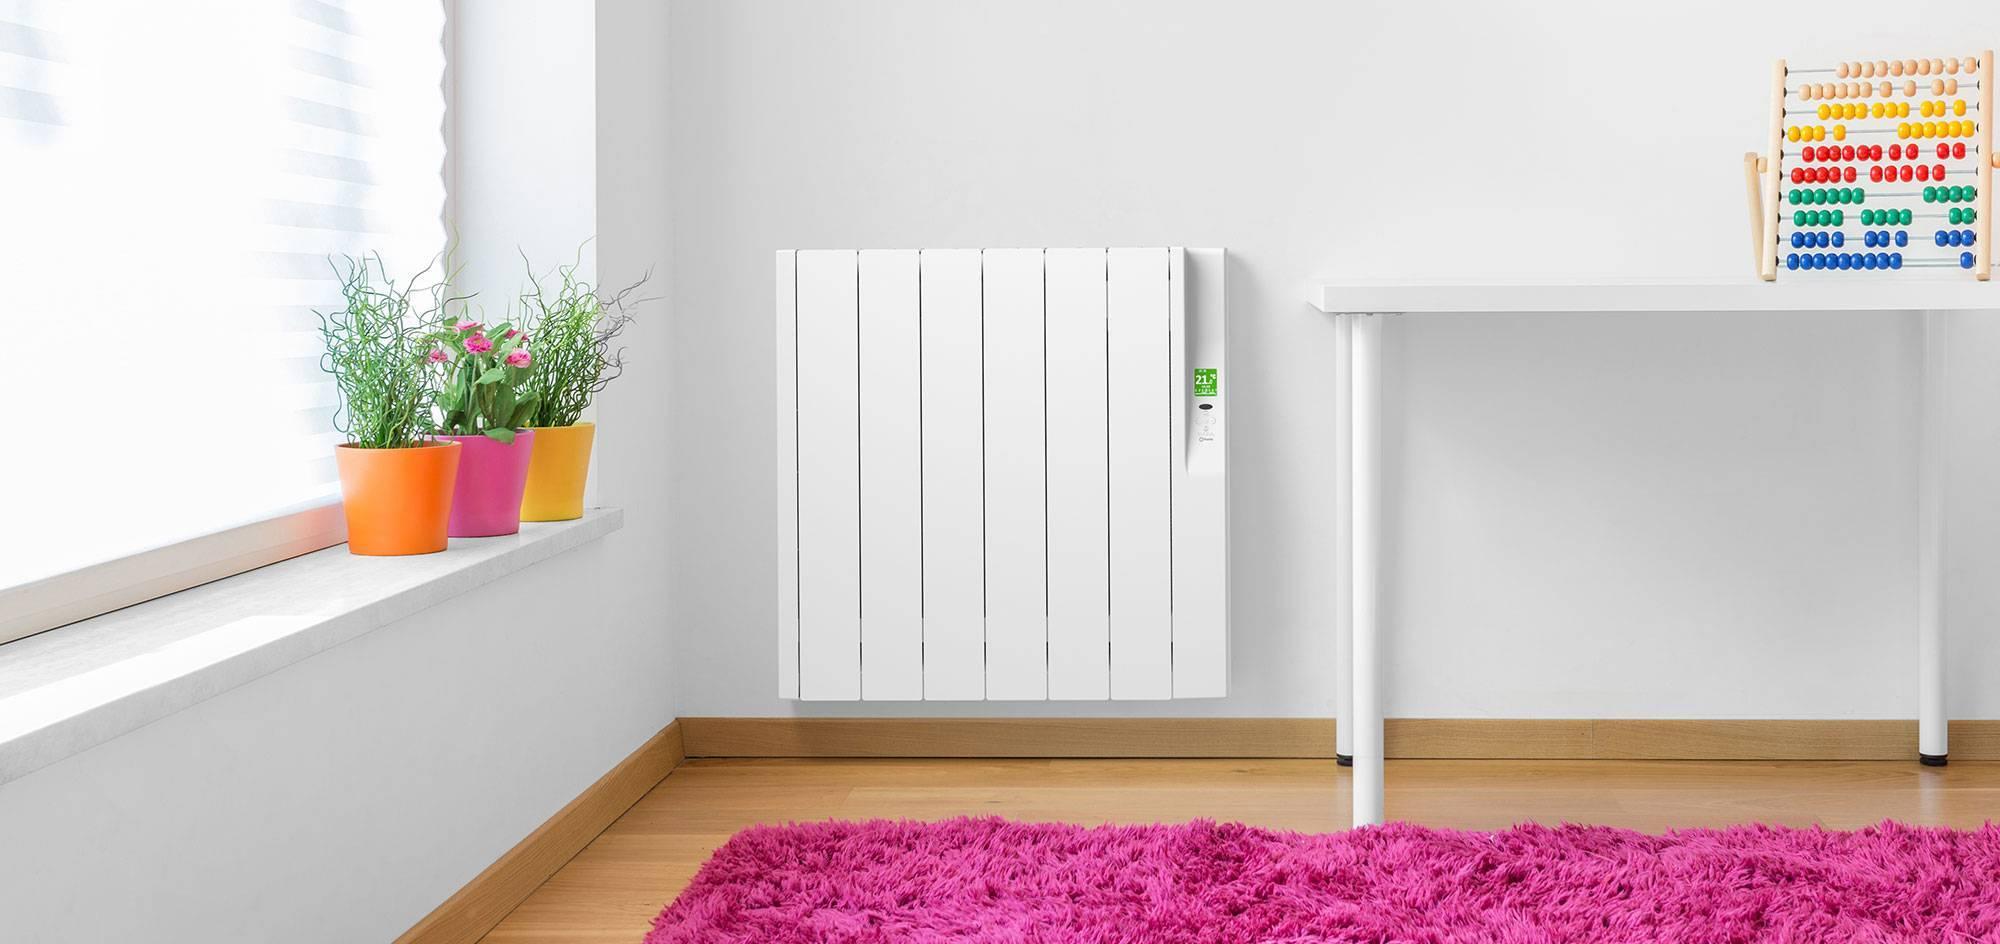 Радиаторы отопления - 105 фото оптимальных материалов и конструкций для обогрева